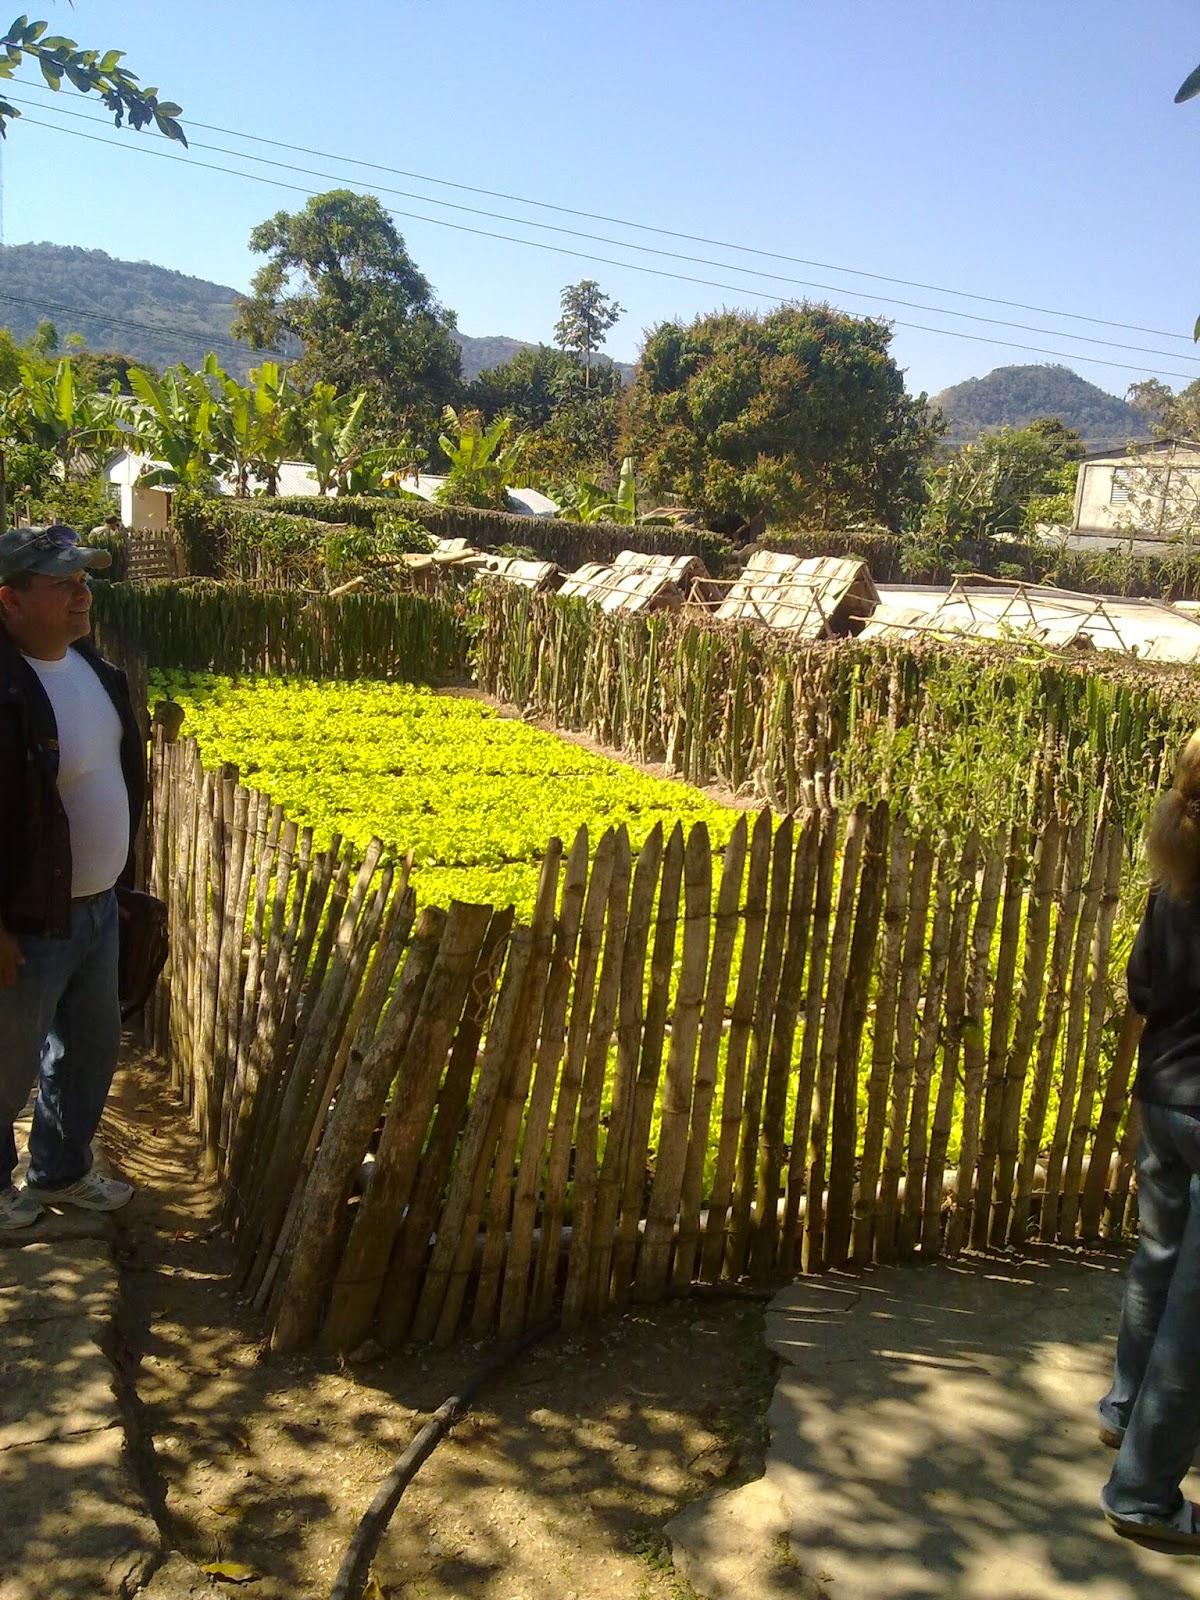 agricultura lechuga